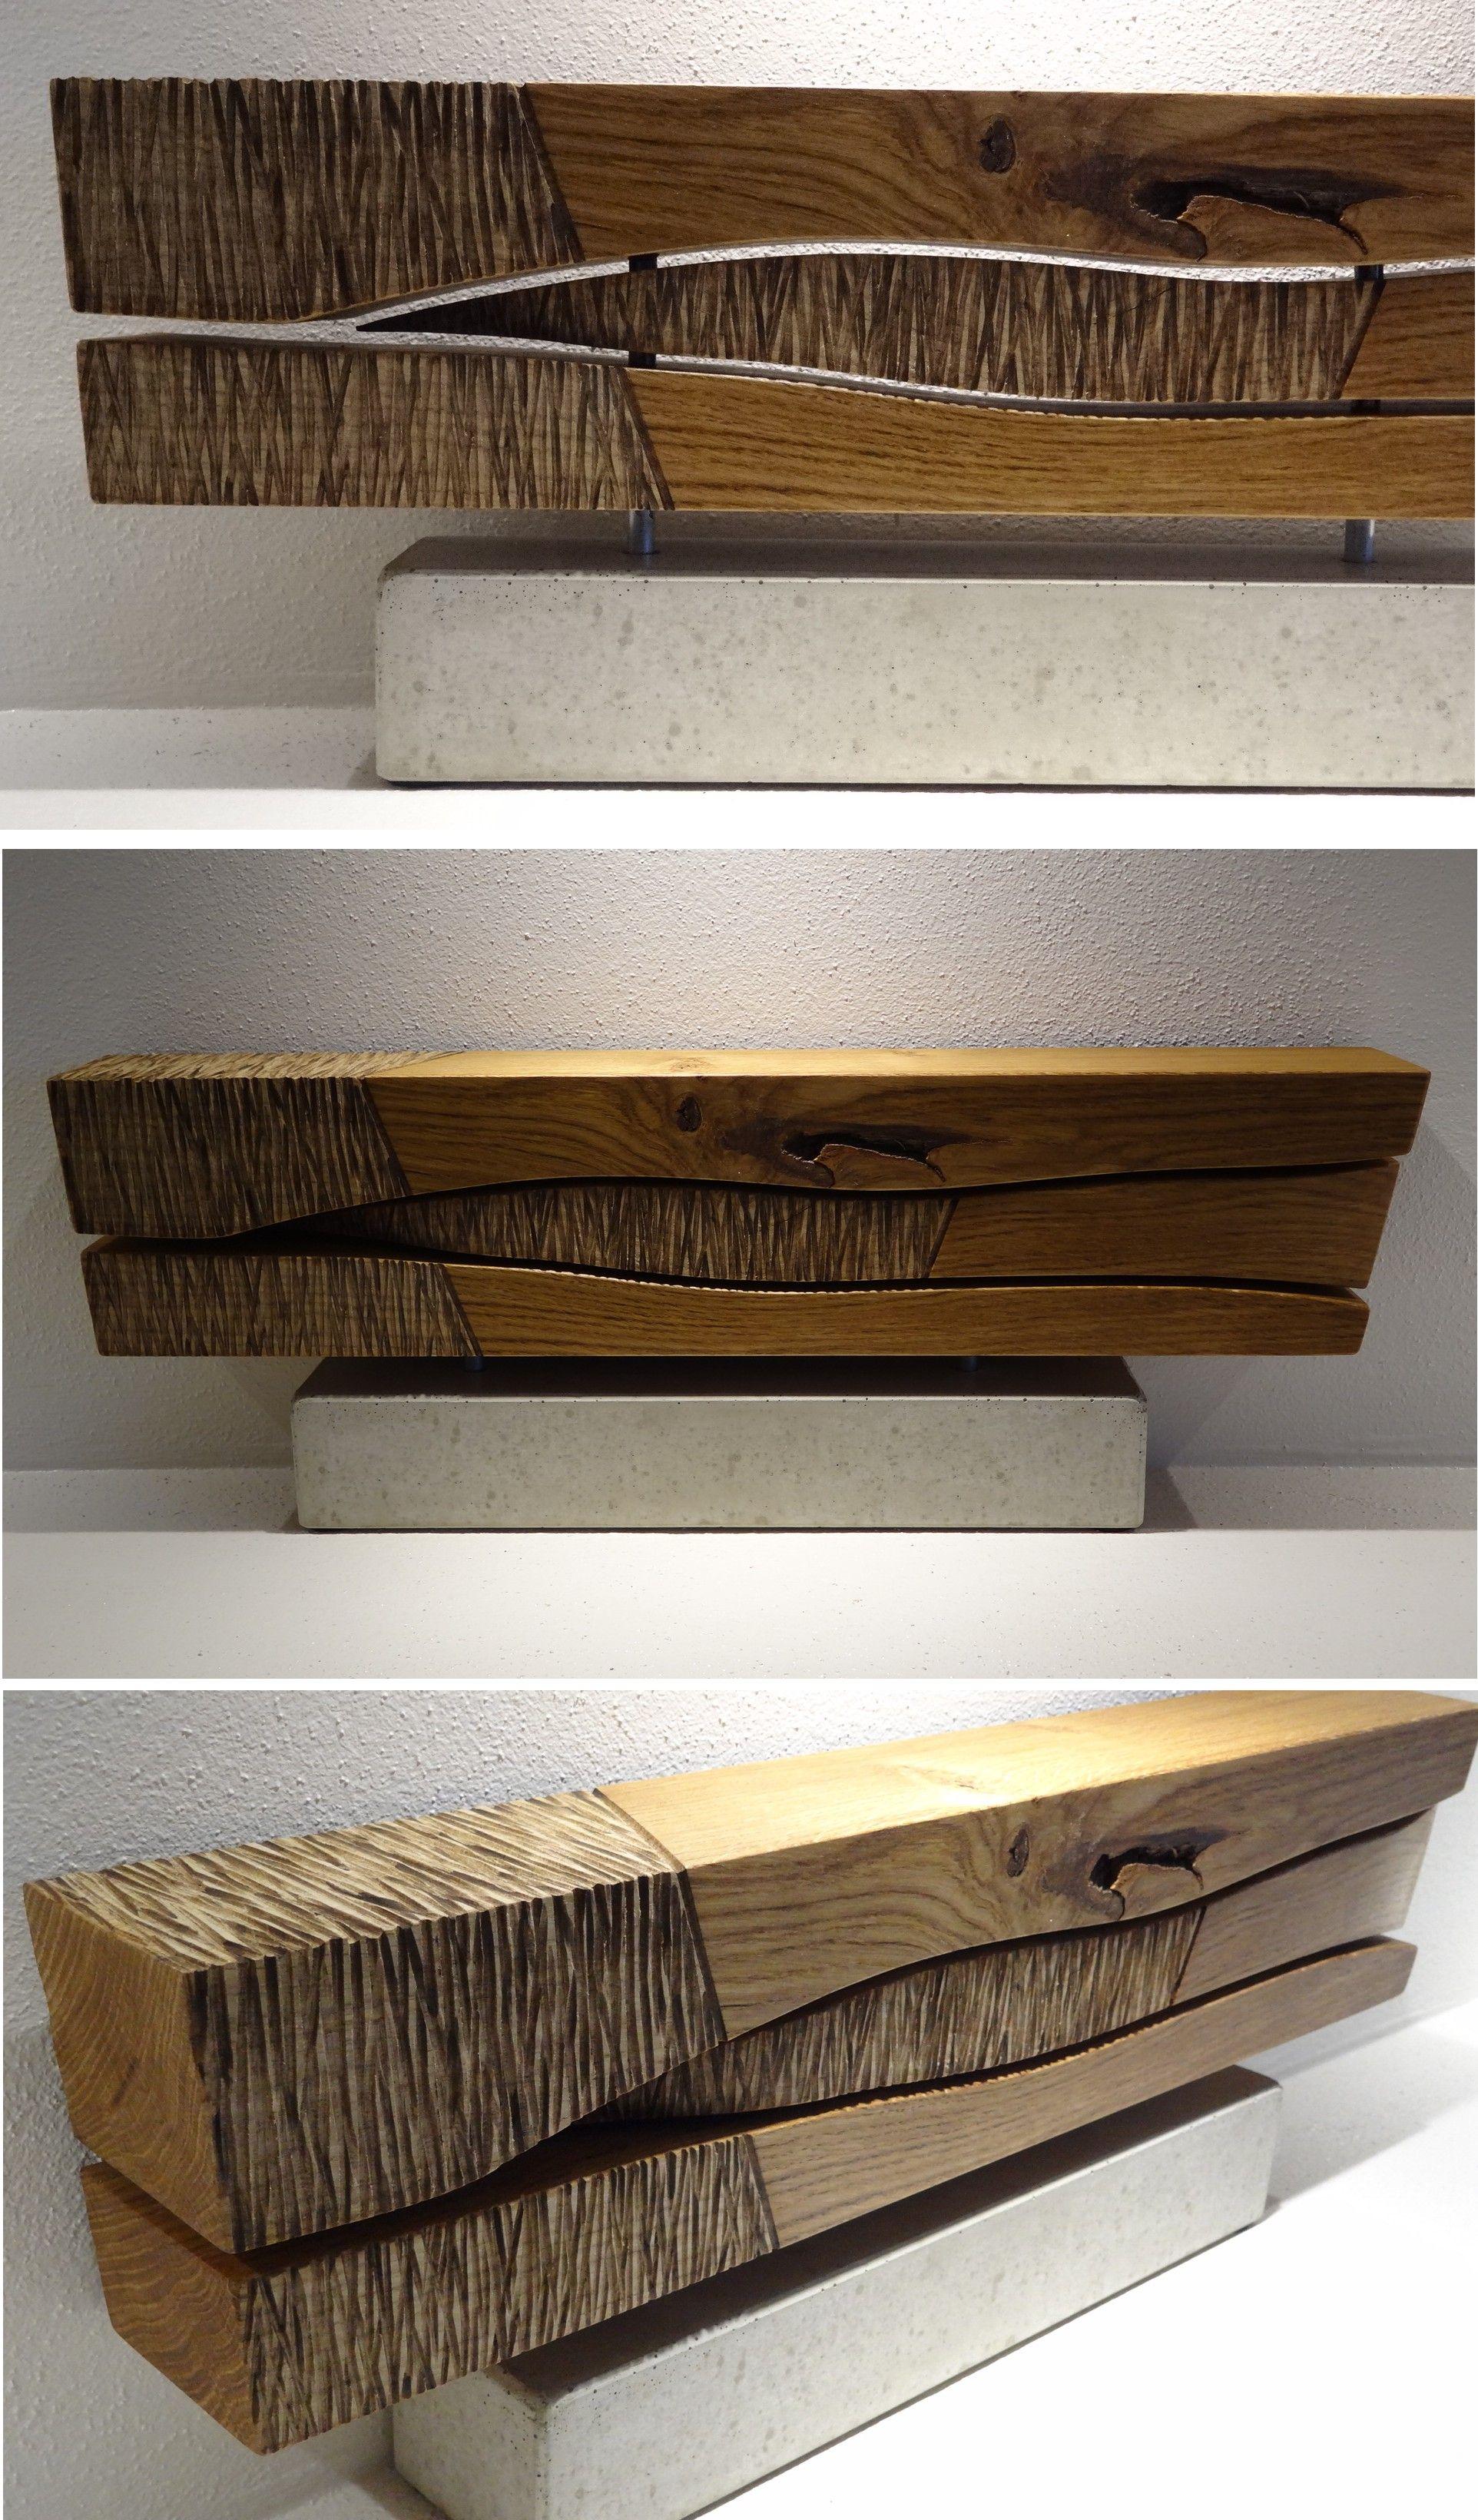 Eichenholz auf Betonsockel | Skulpturen aus Beton und Holz ...